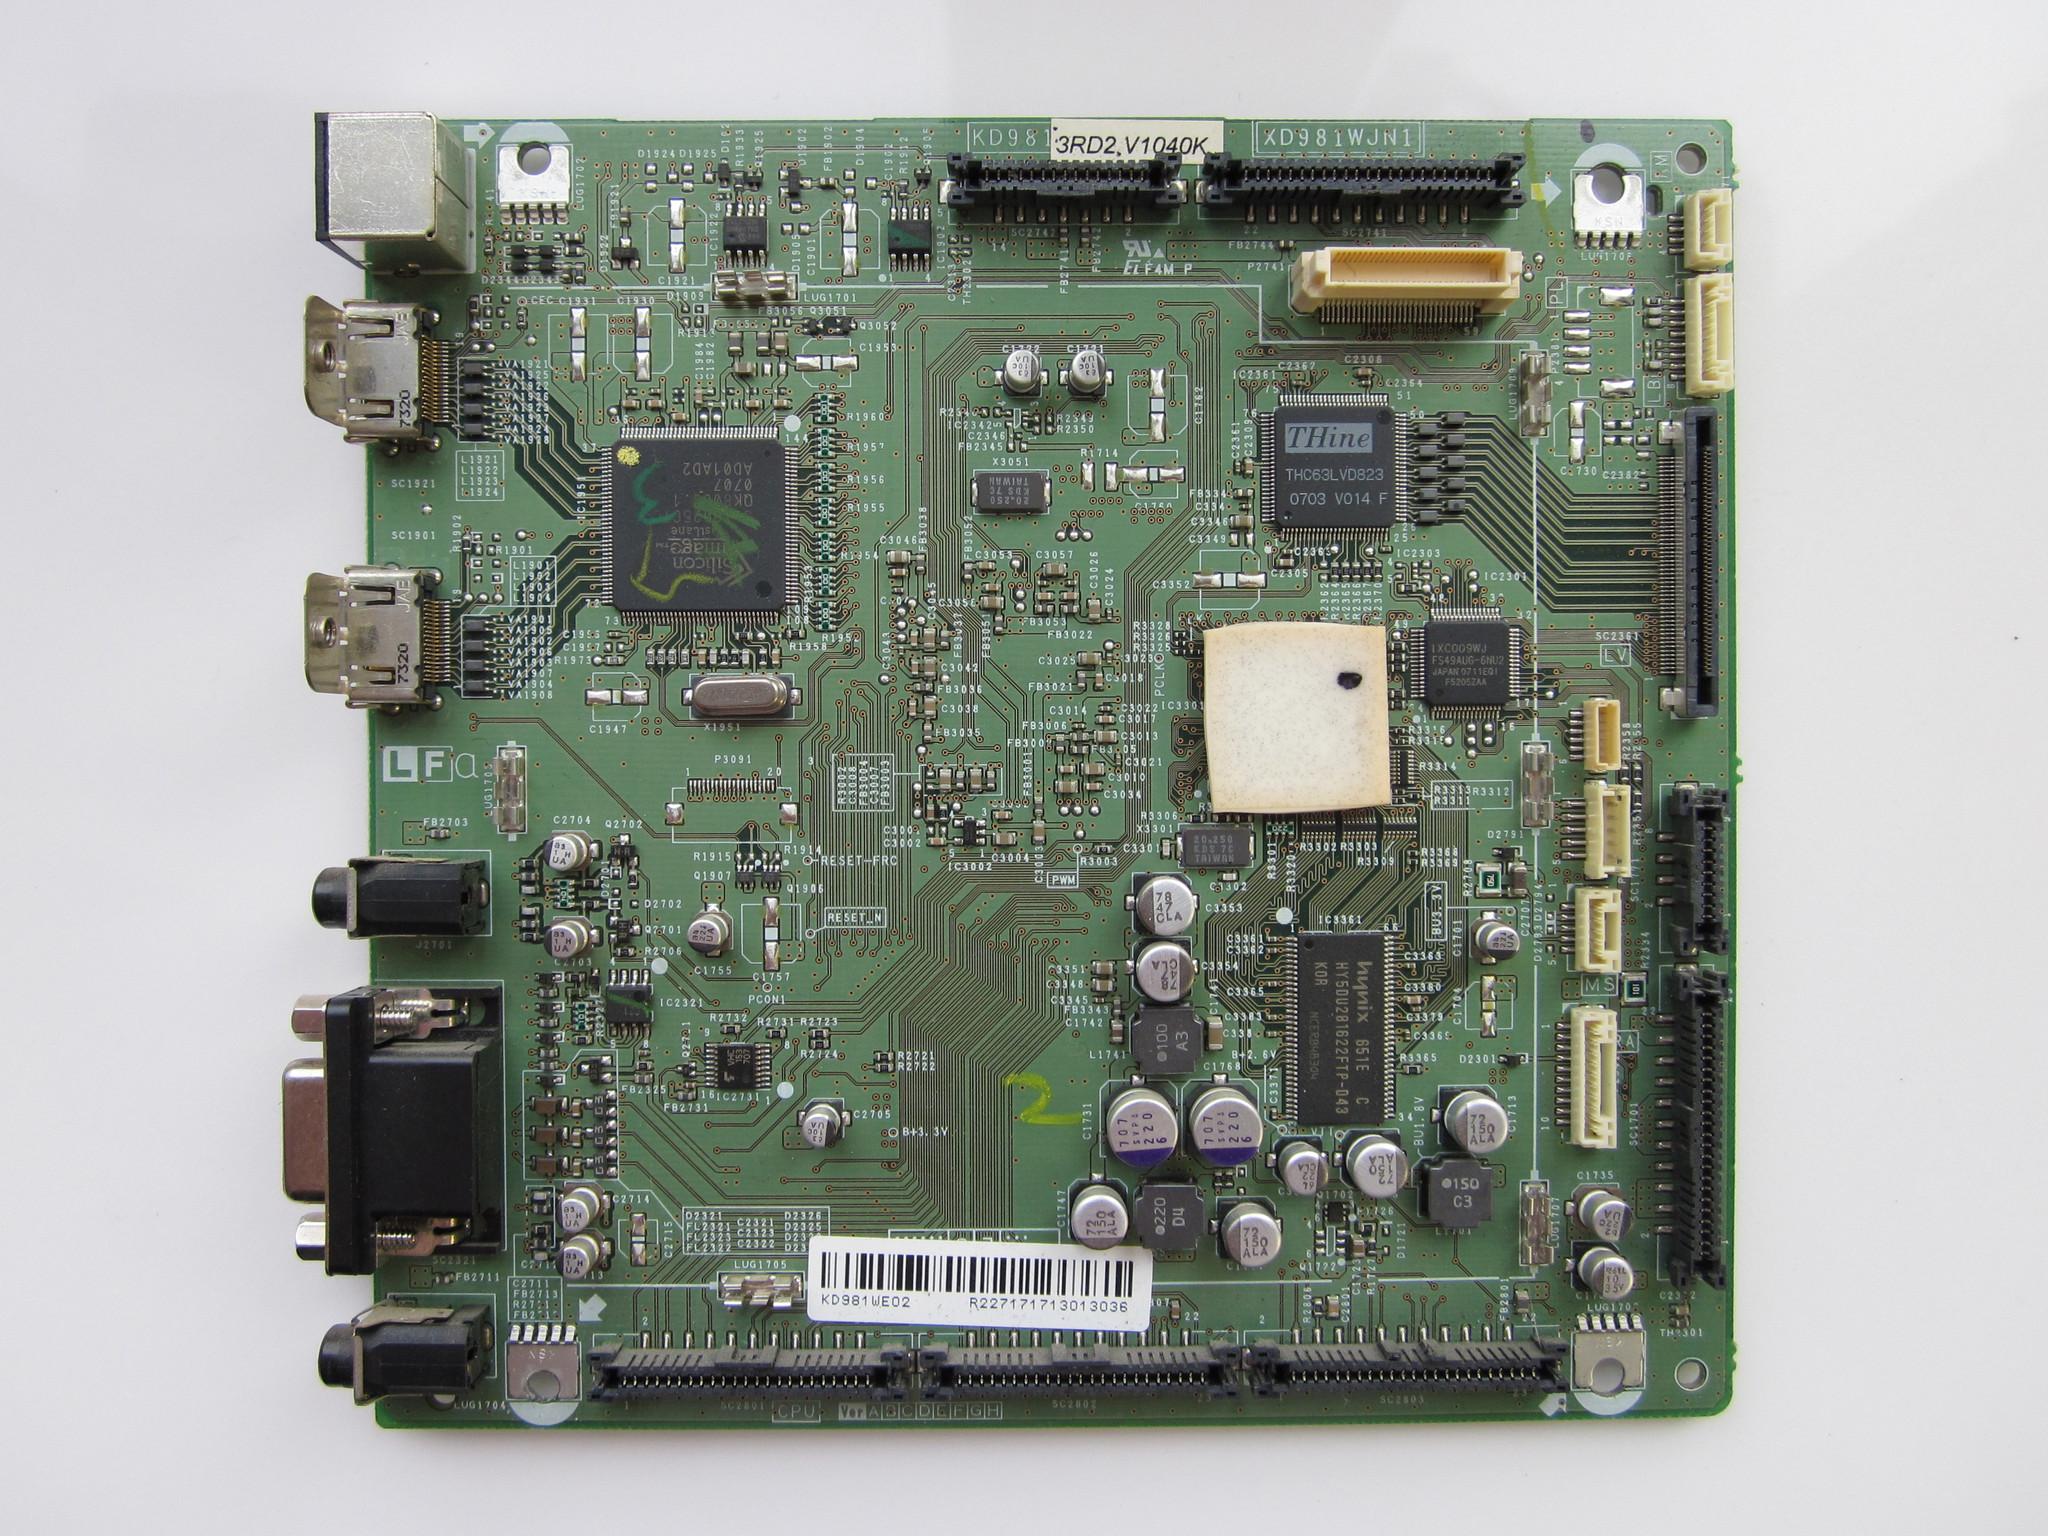 Плата XD981WJN1 (SSB-модуль)